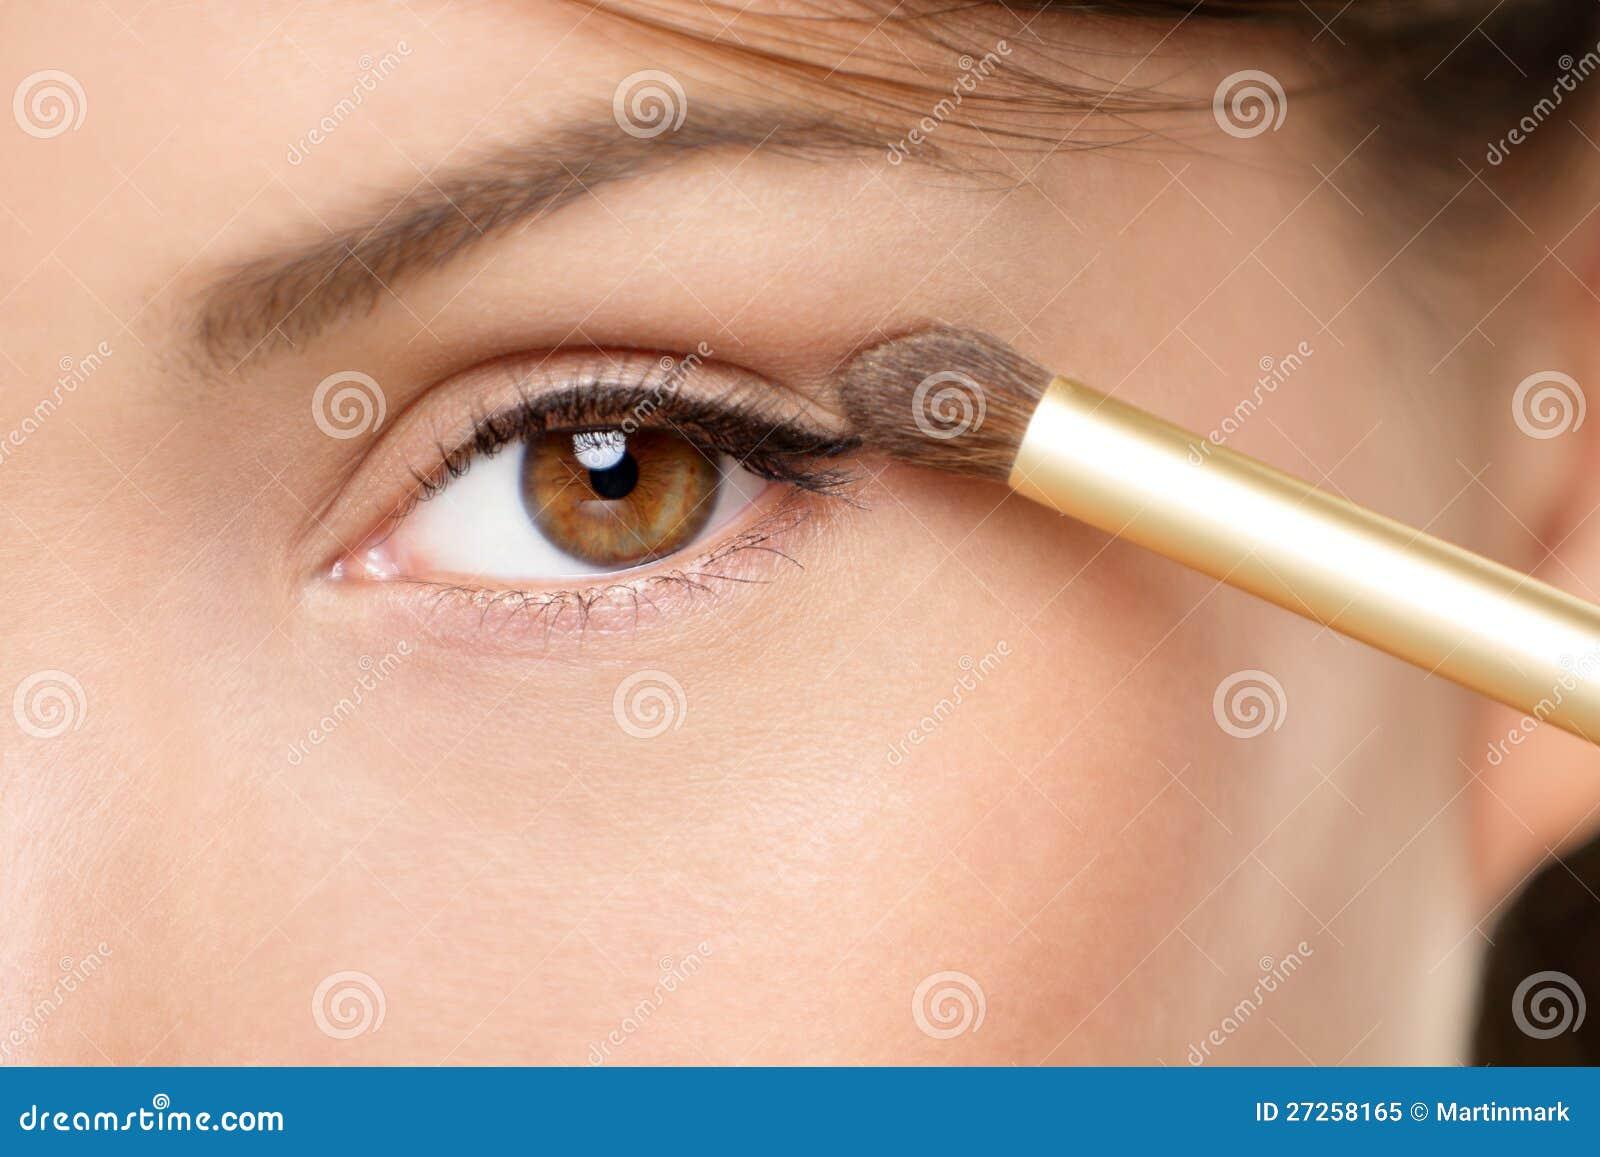 De make-upvrouw die van het oog oogschaduwpoeder toepast